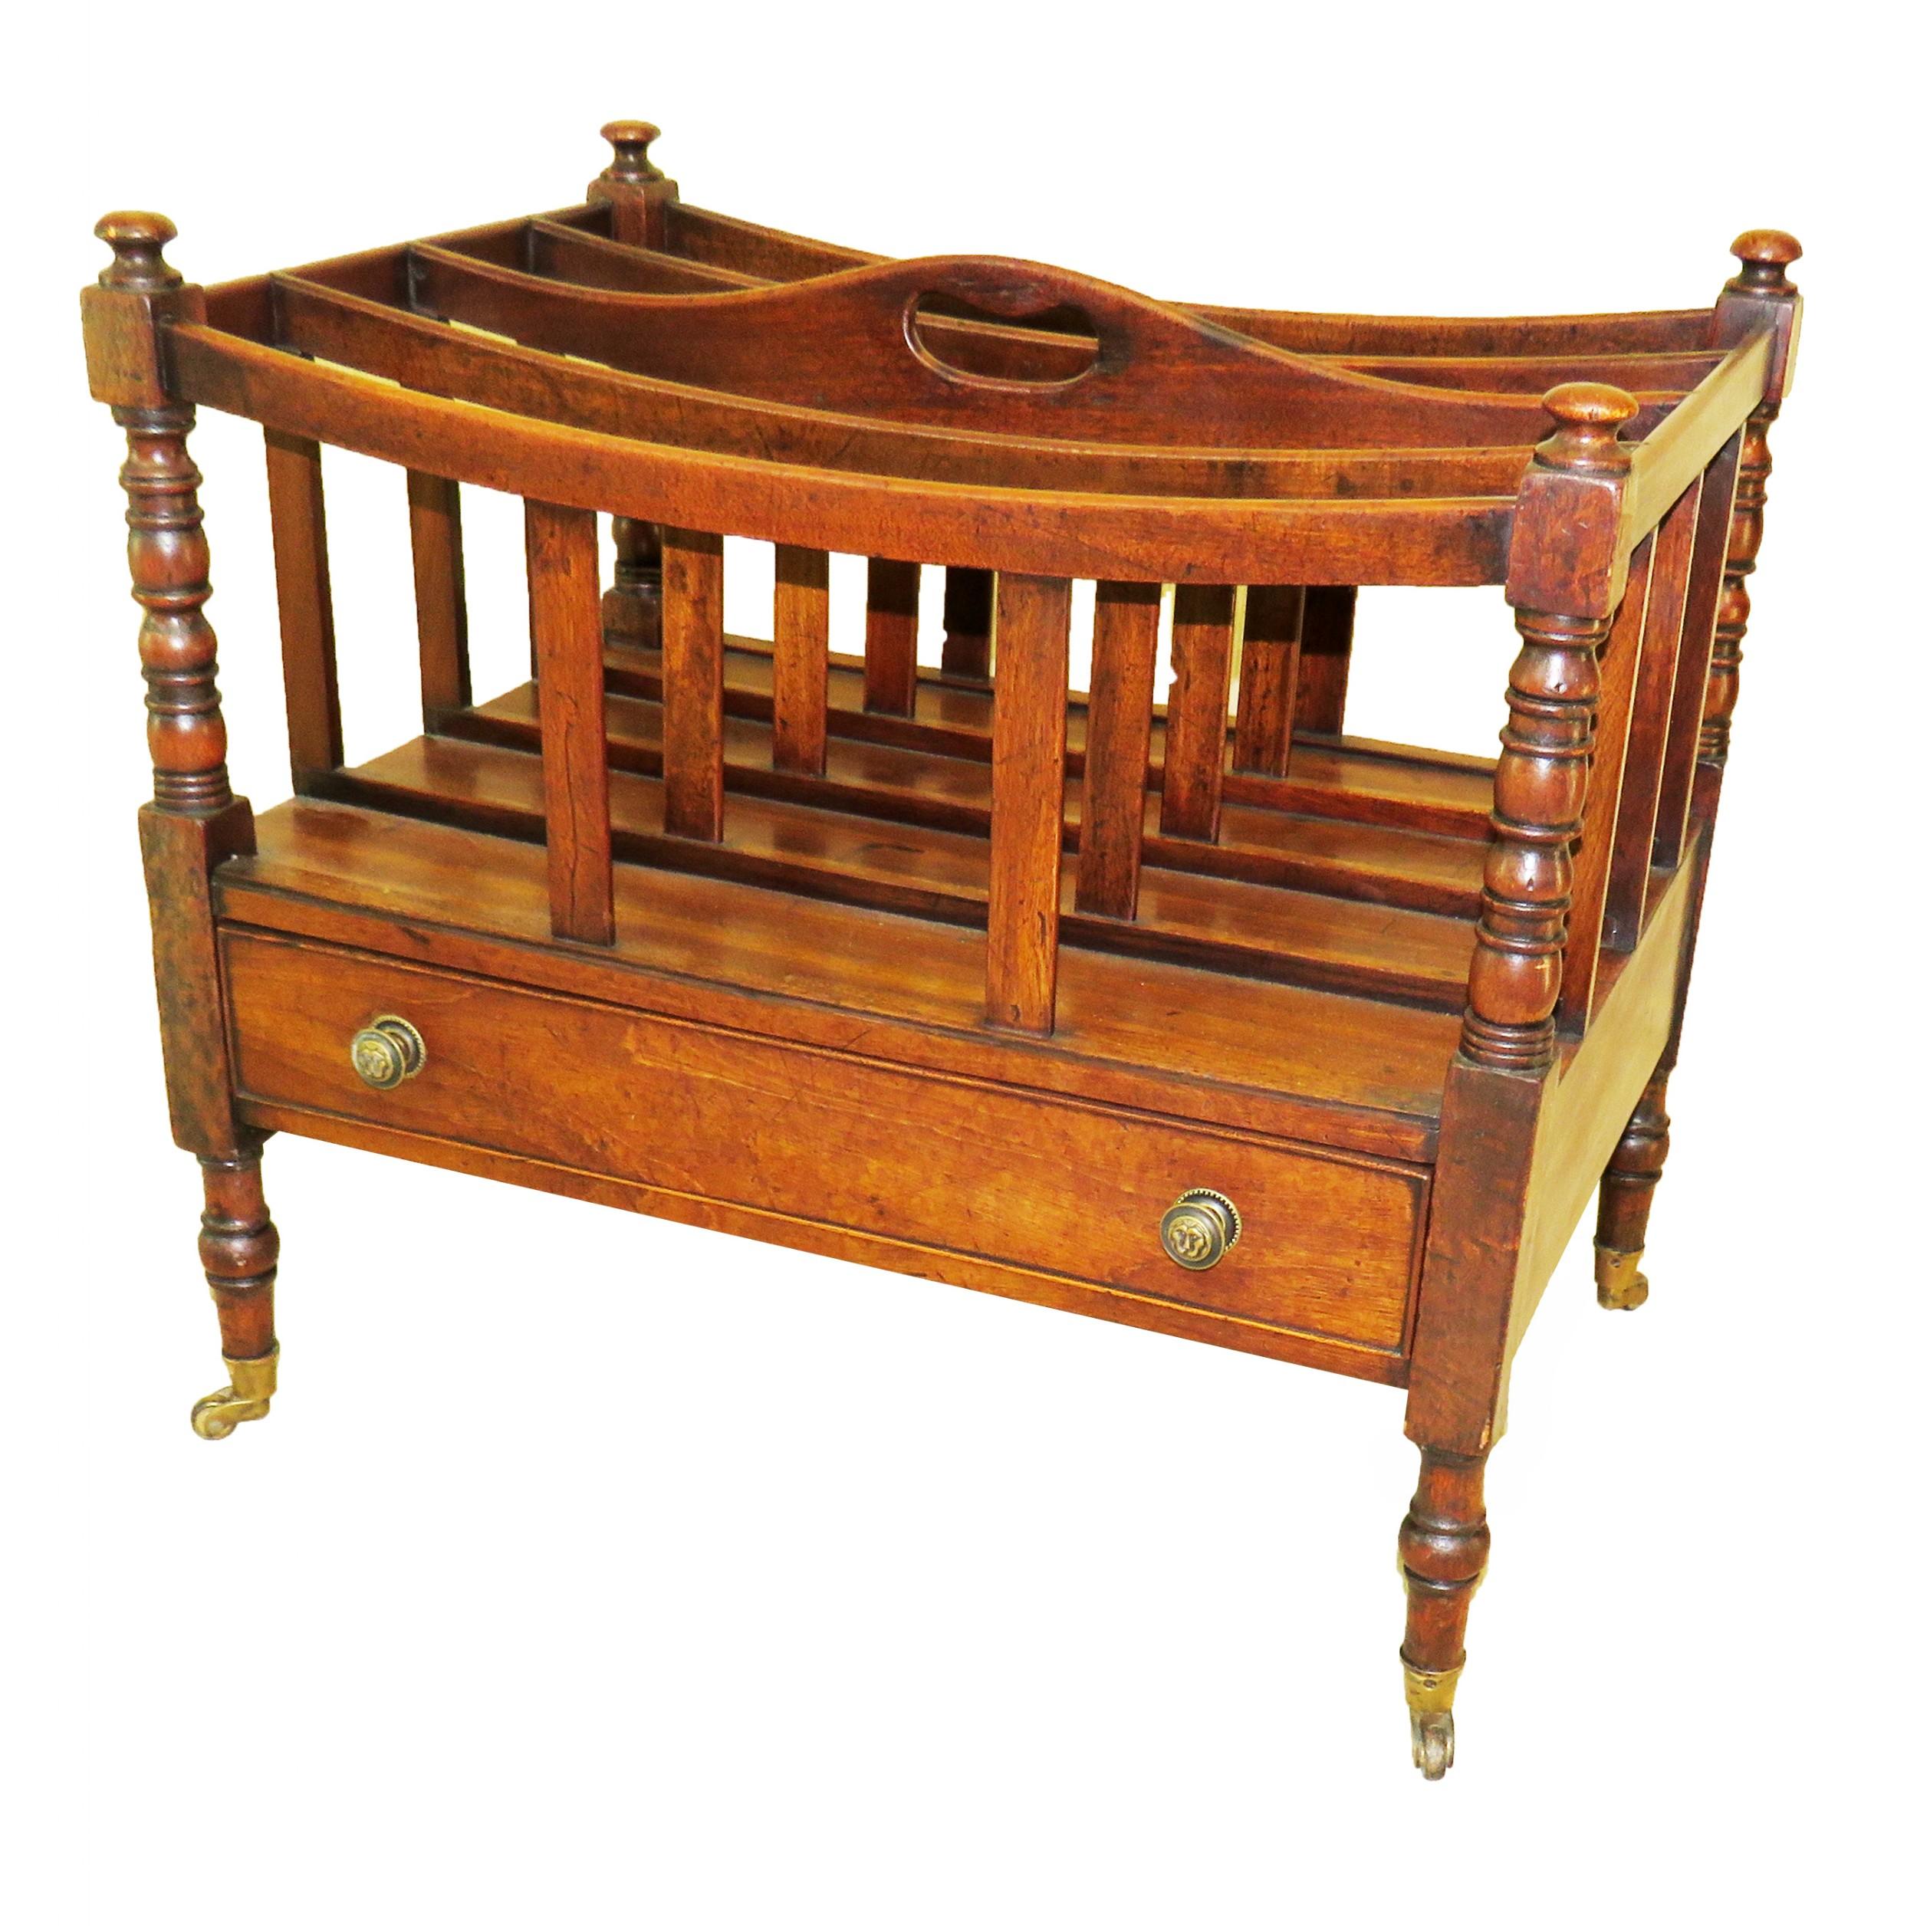 19th century regency mahogany boat shaped canterbury